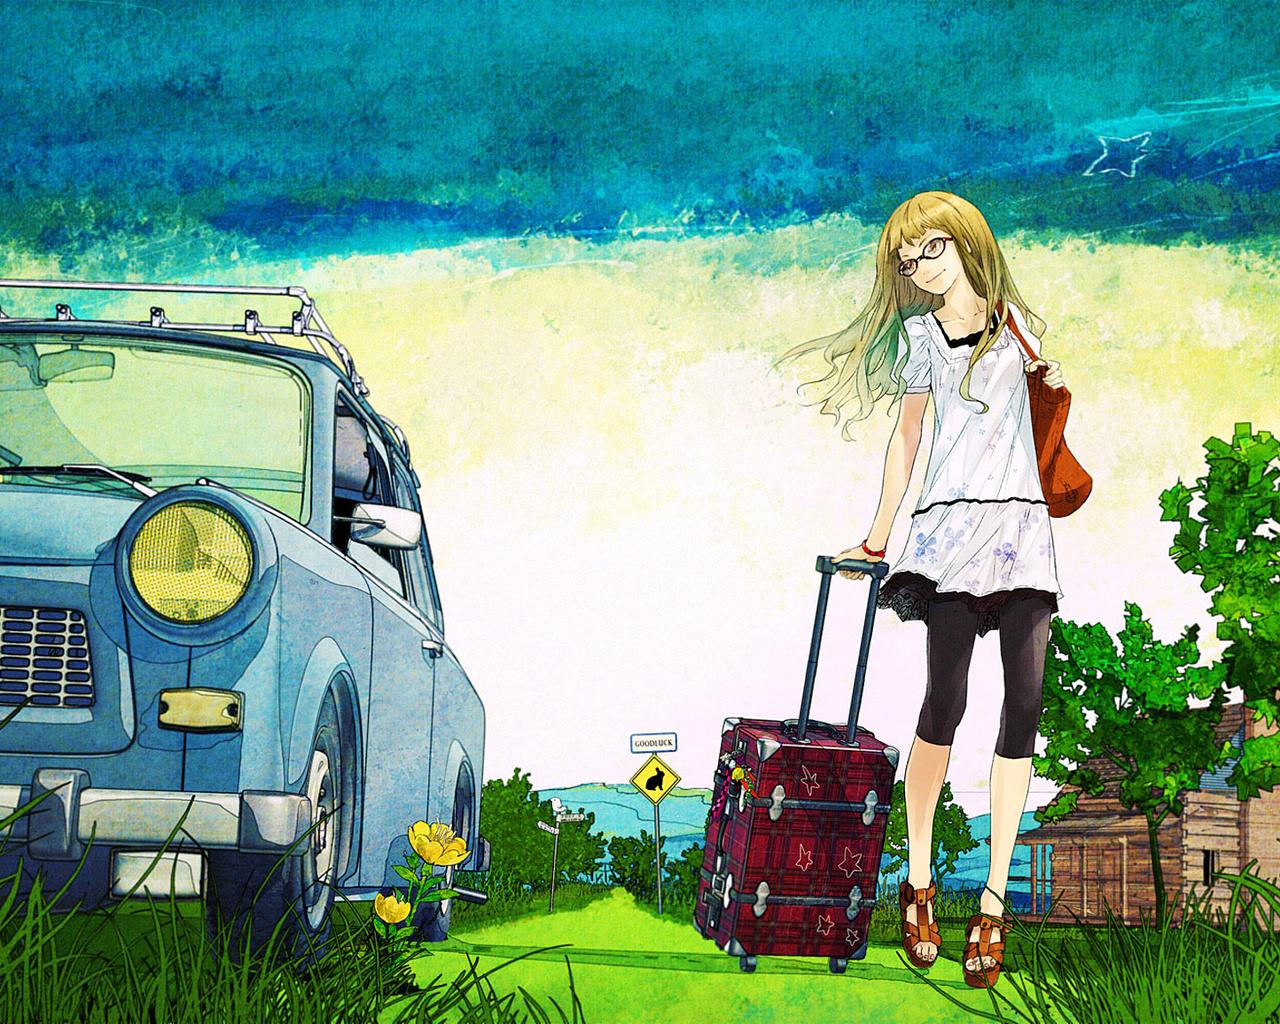 Прикольные картинки про поездку в деревню, открытки днем